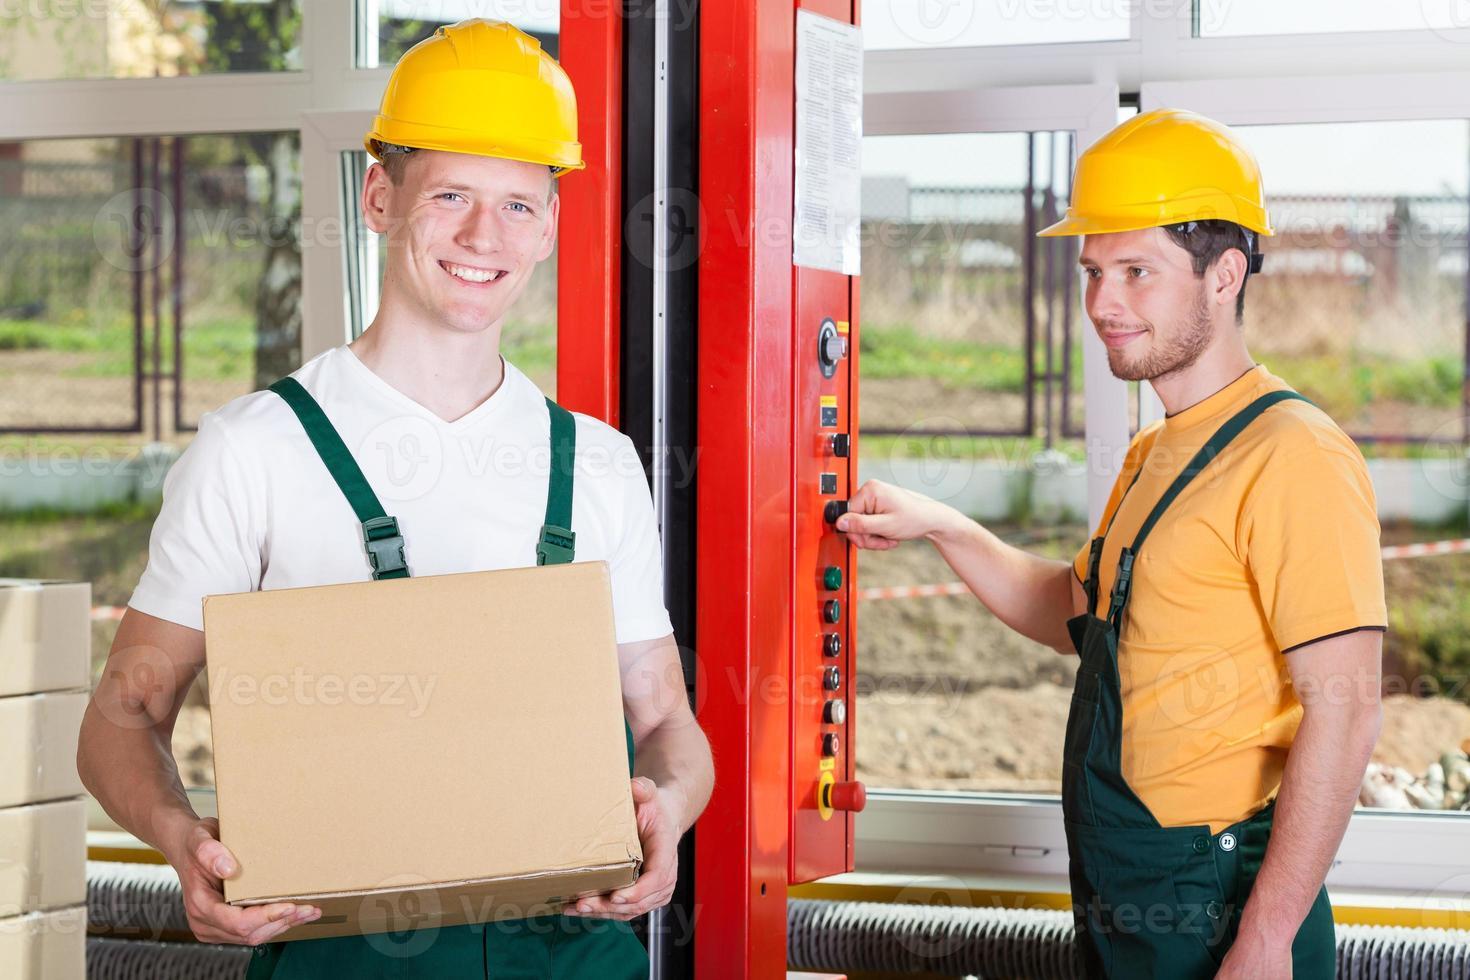 empleados que trabajan en una gran fábrica foto